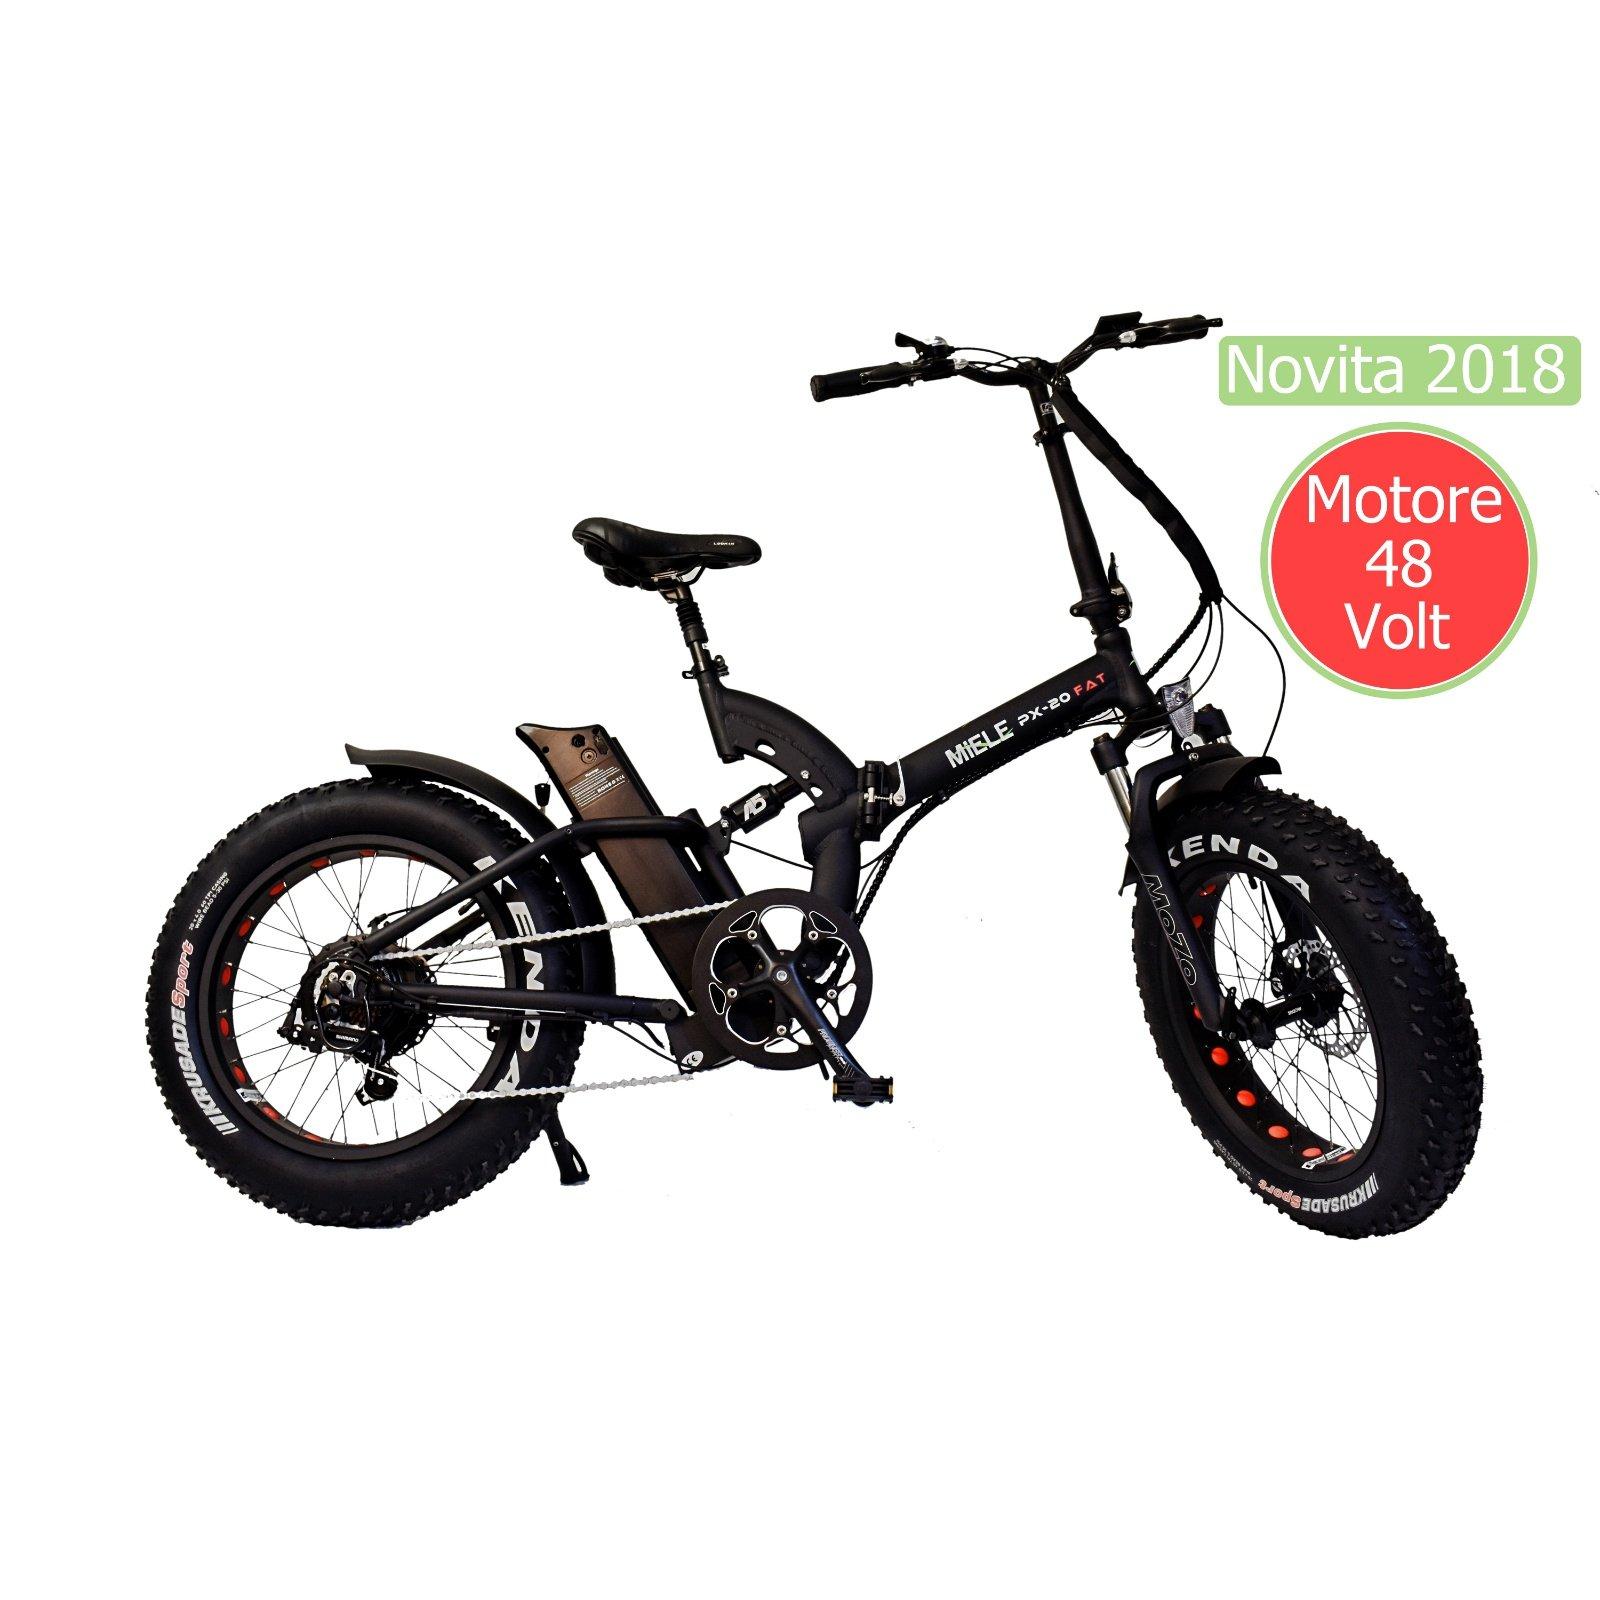 Miele shopping prezzi bici elettriche pedalata assistita for Offerte bici elettriche usate